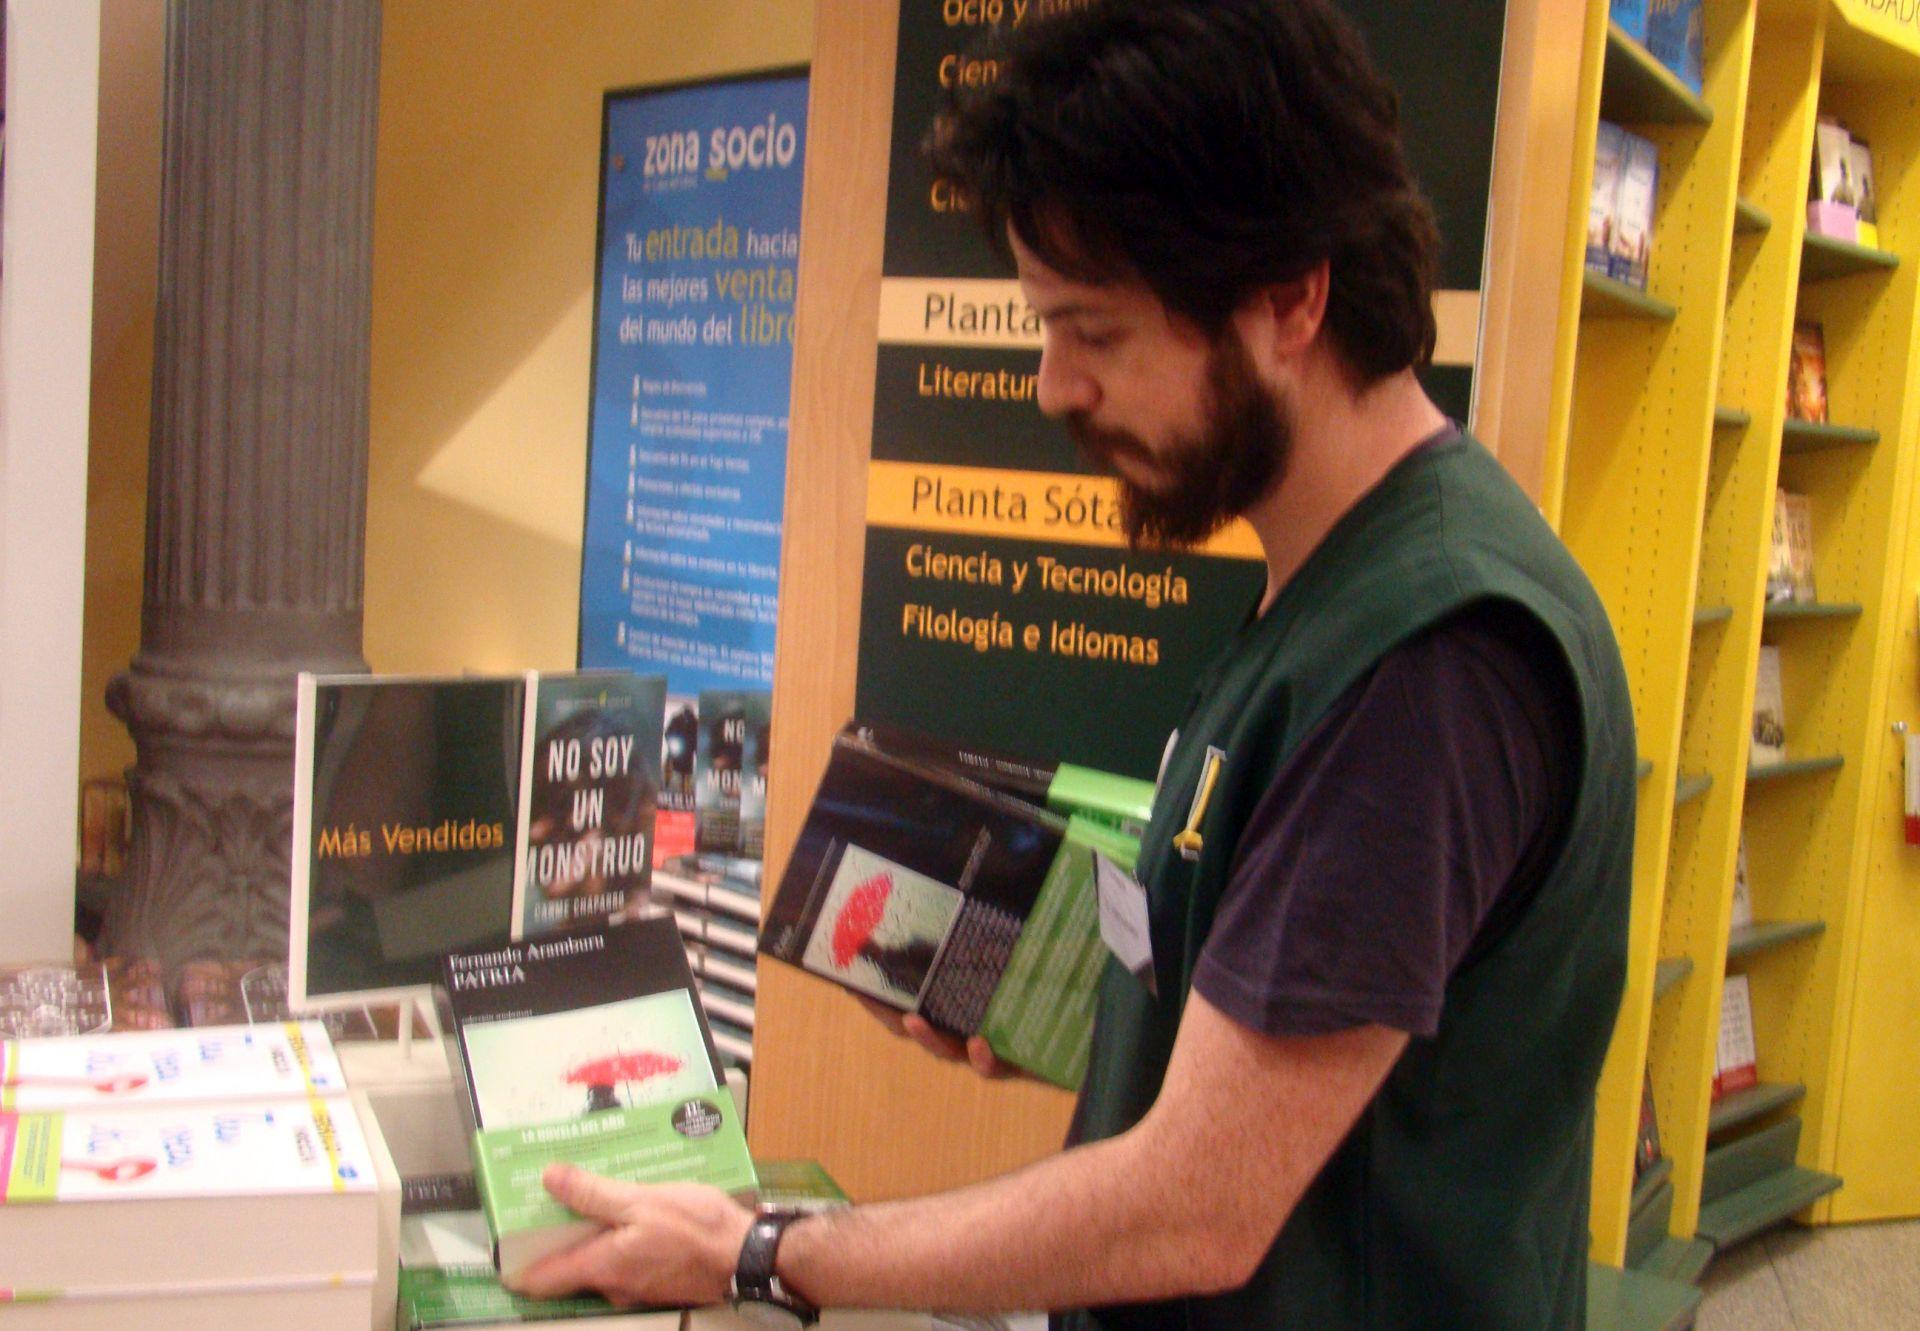 Roman 'Patria', priča o životu u Baskiji, najprodavanija knjiga u Španjolskoj